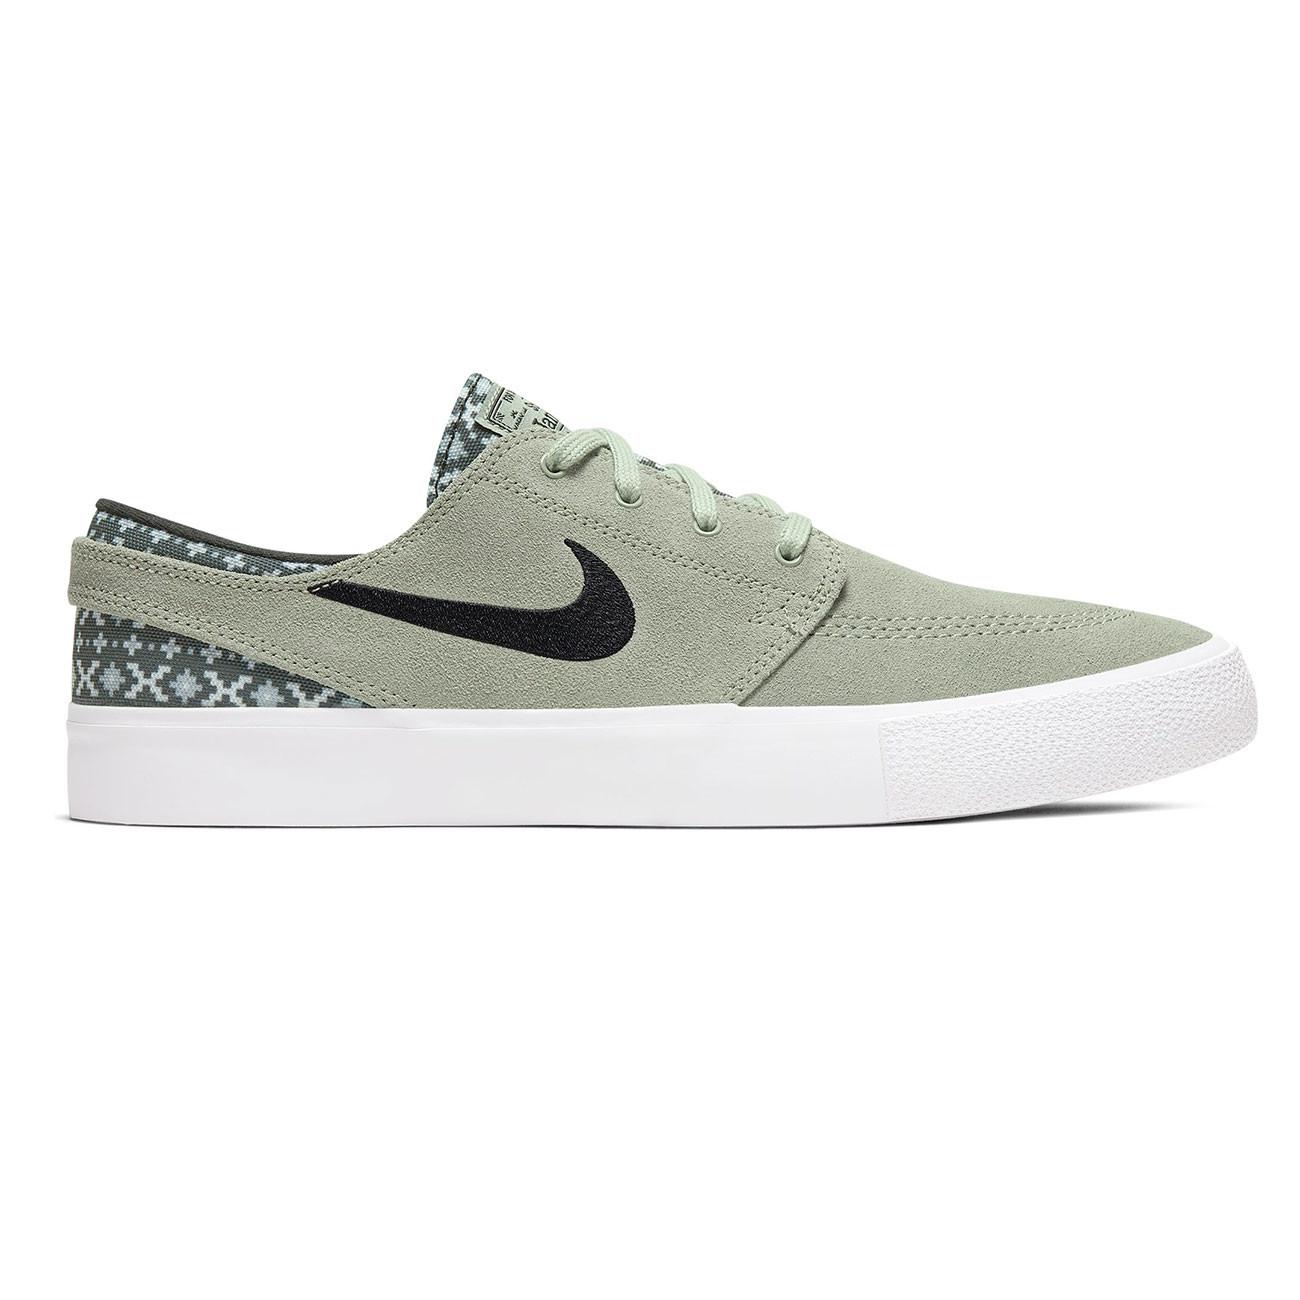 Skate shoes Nike SB Zoom Stefan Janoski RM Premium jade horizon